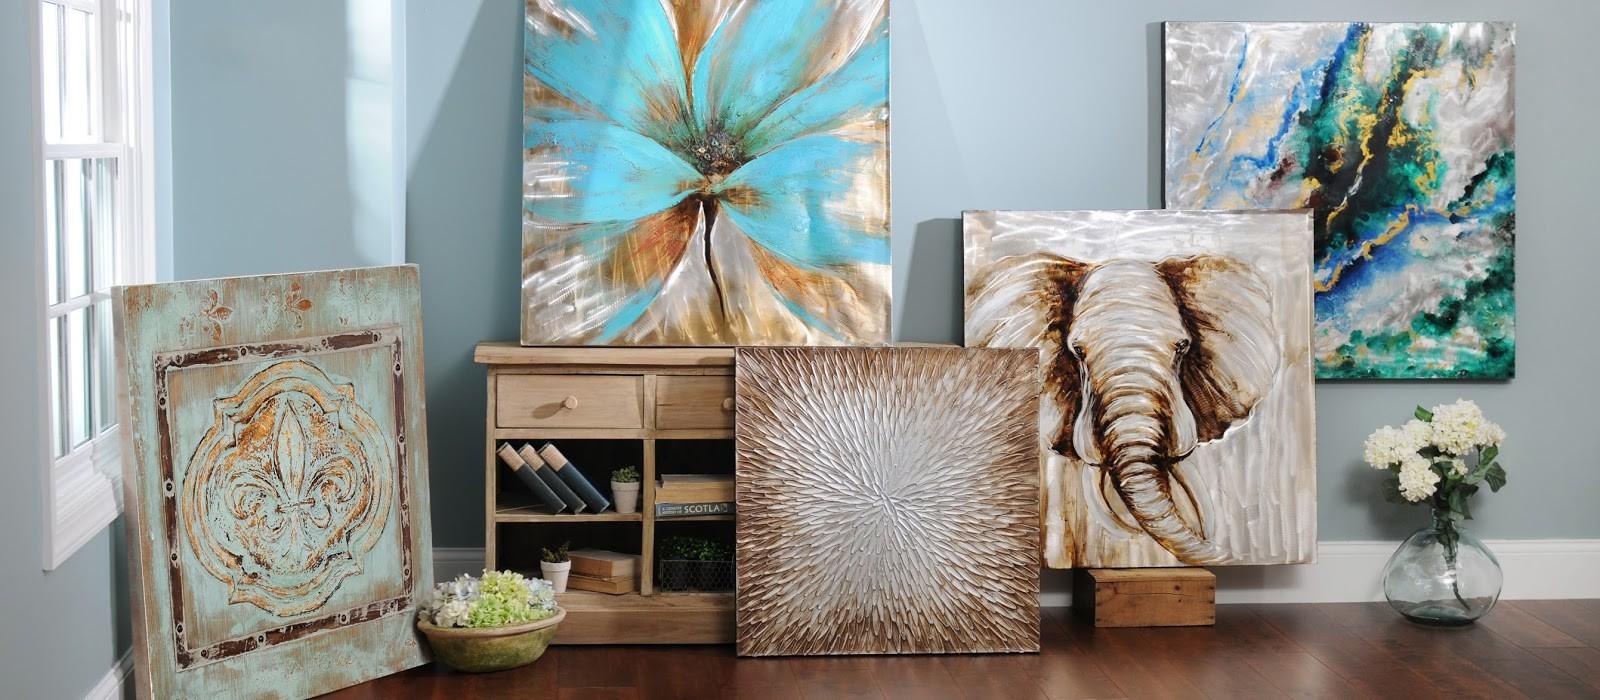 3 Art and wall décor Kirkland Decor via Simphome com 3